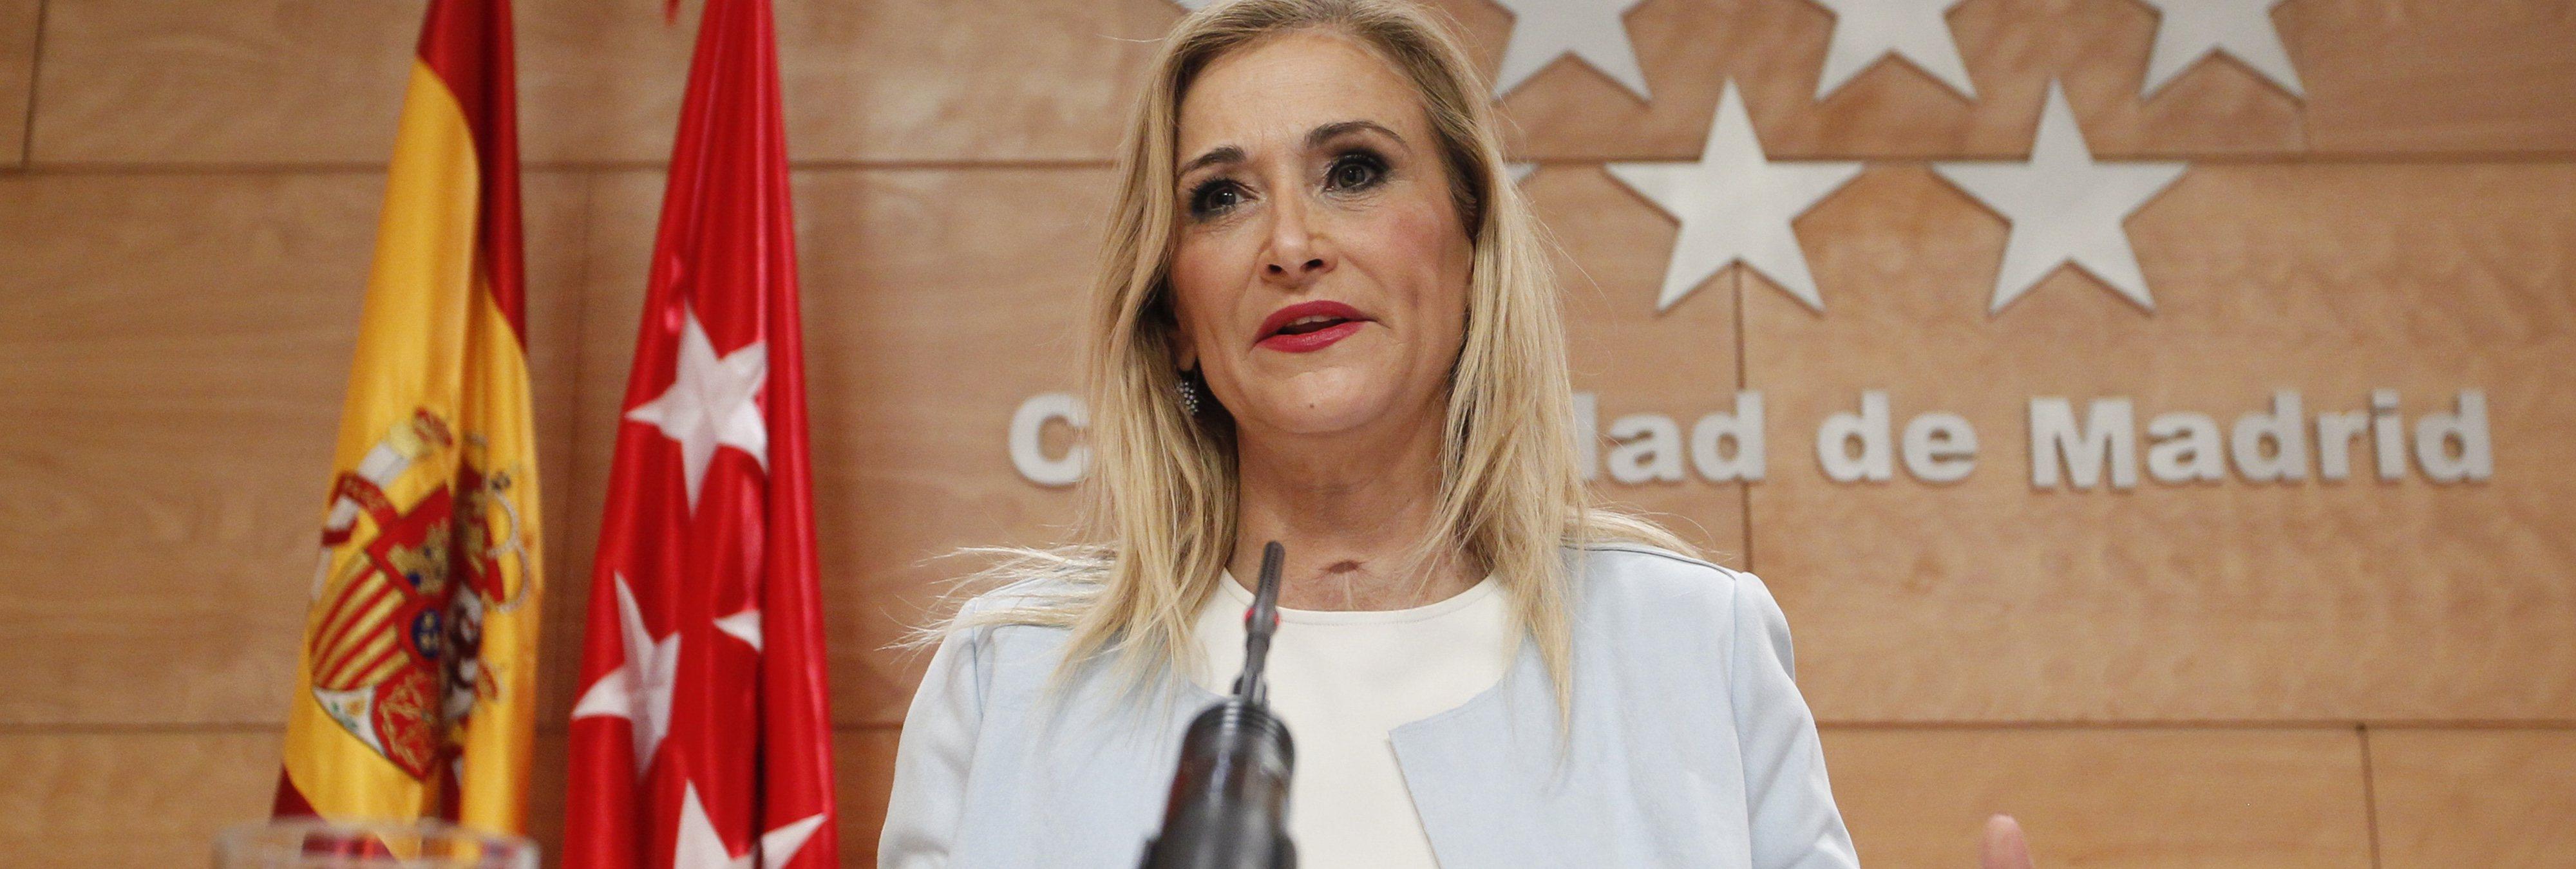 Cristina Cifuentes obtuvo el máster en la URJC con notas falsificadas